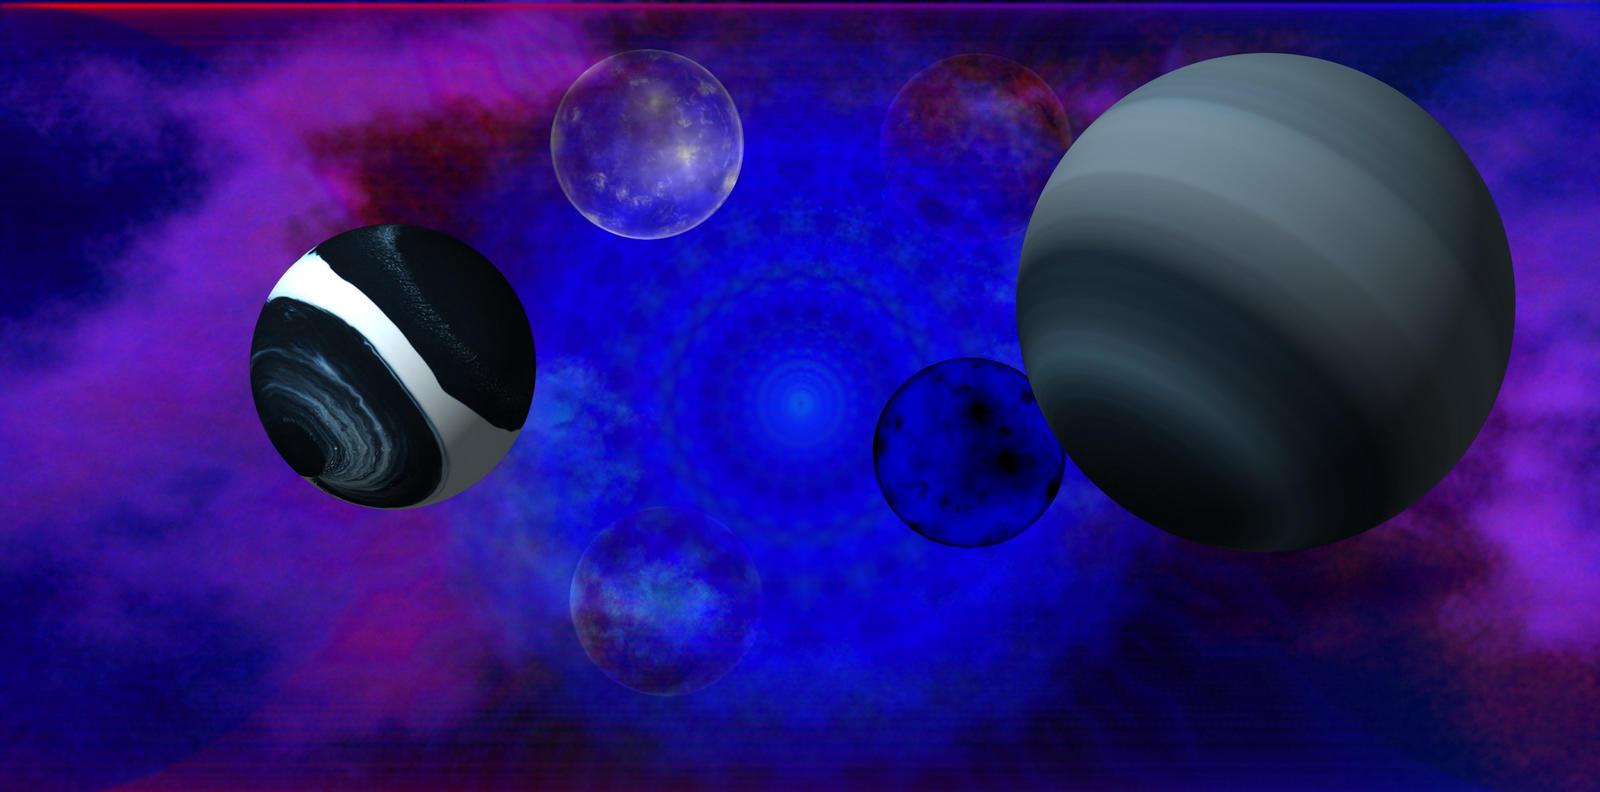 El Xalto de los Planetas Xeluphlaunosos y Wonru by Jakeukalane